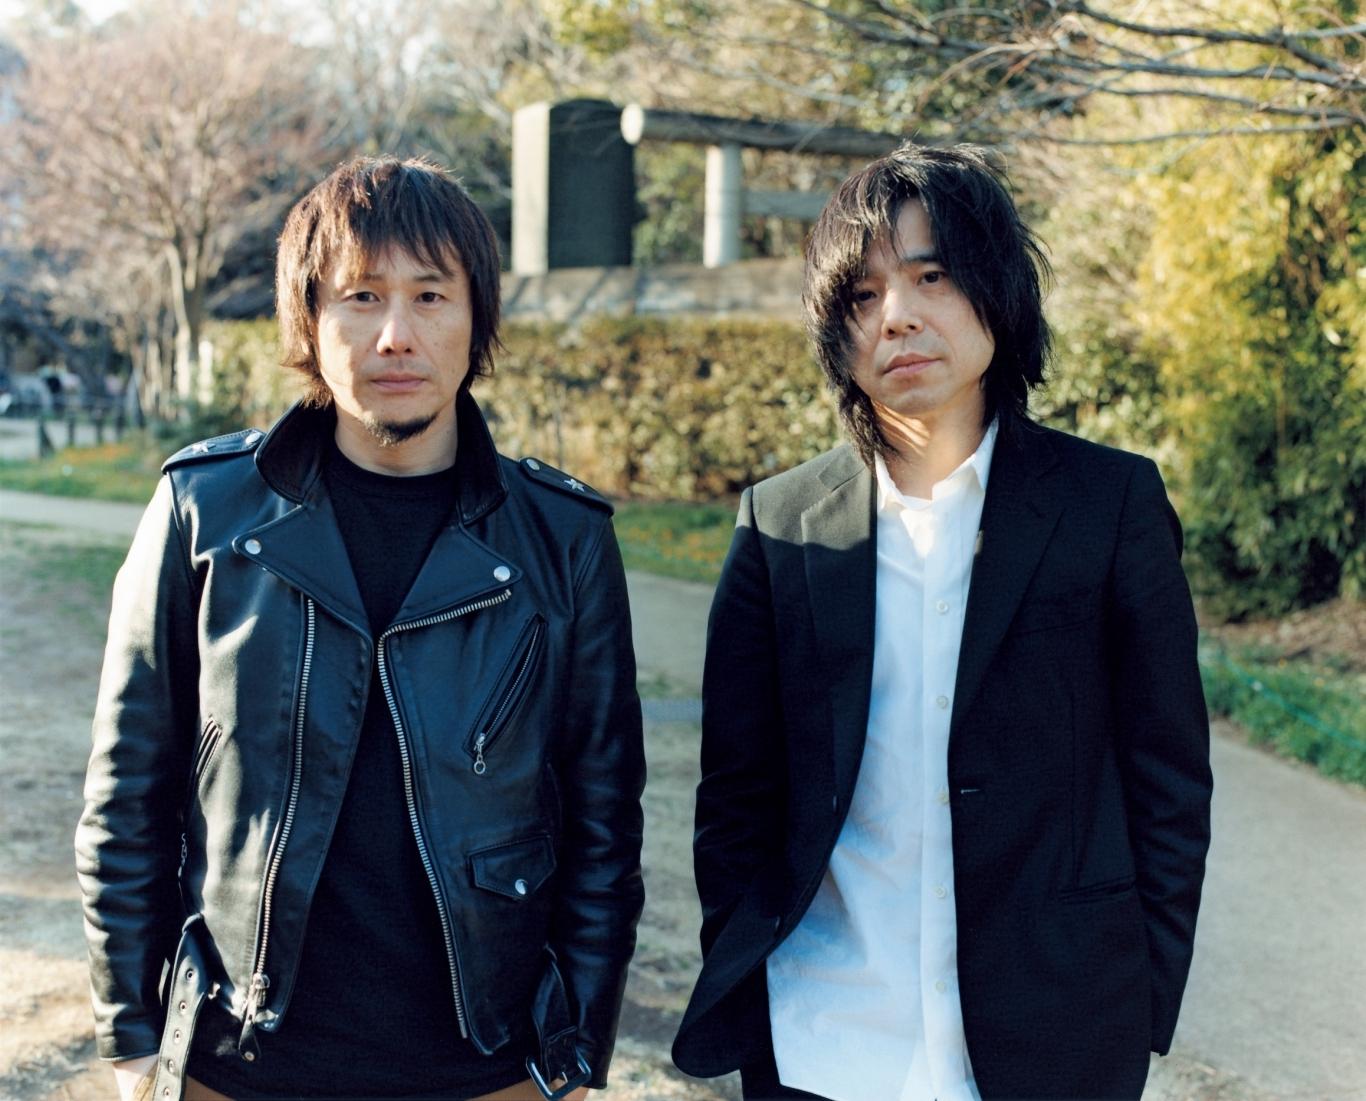 左から、横山健、宮本浩次 カメラマンクレジット:佐内 正史